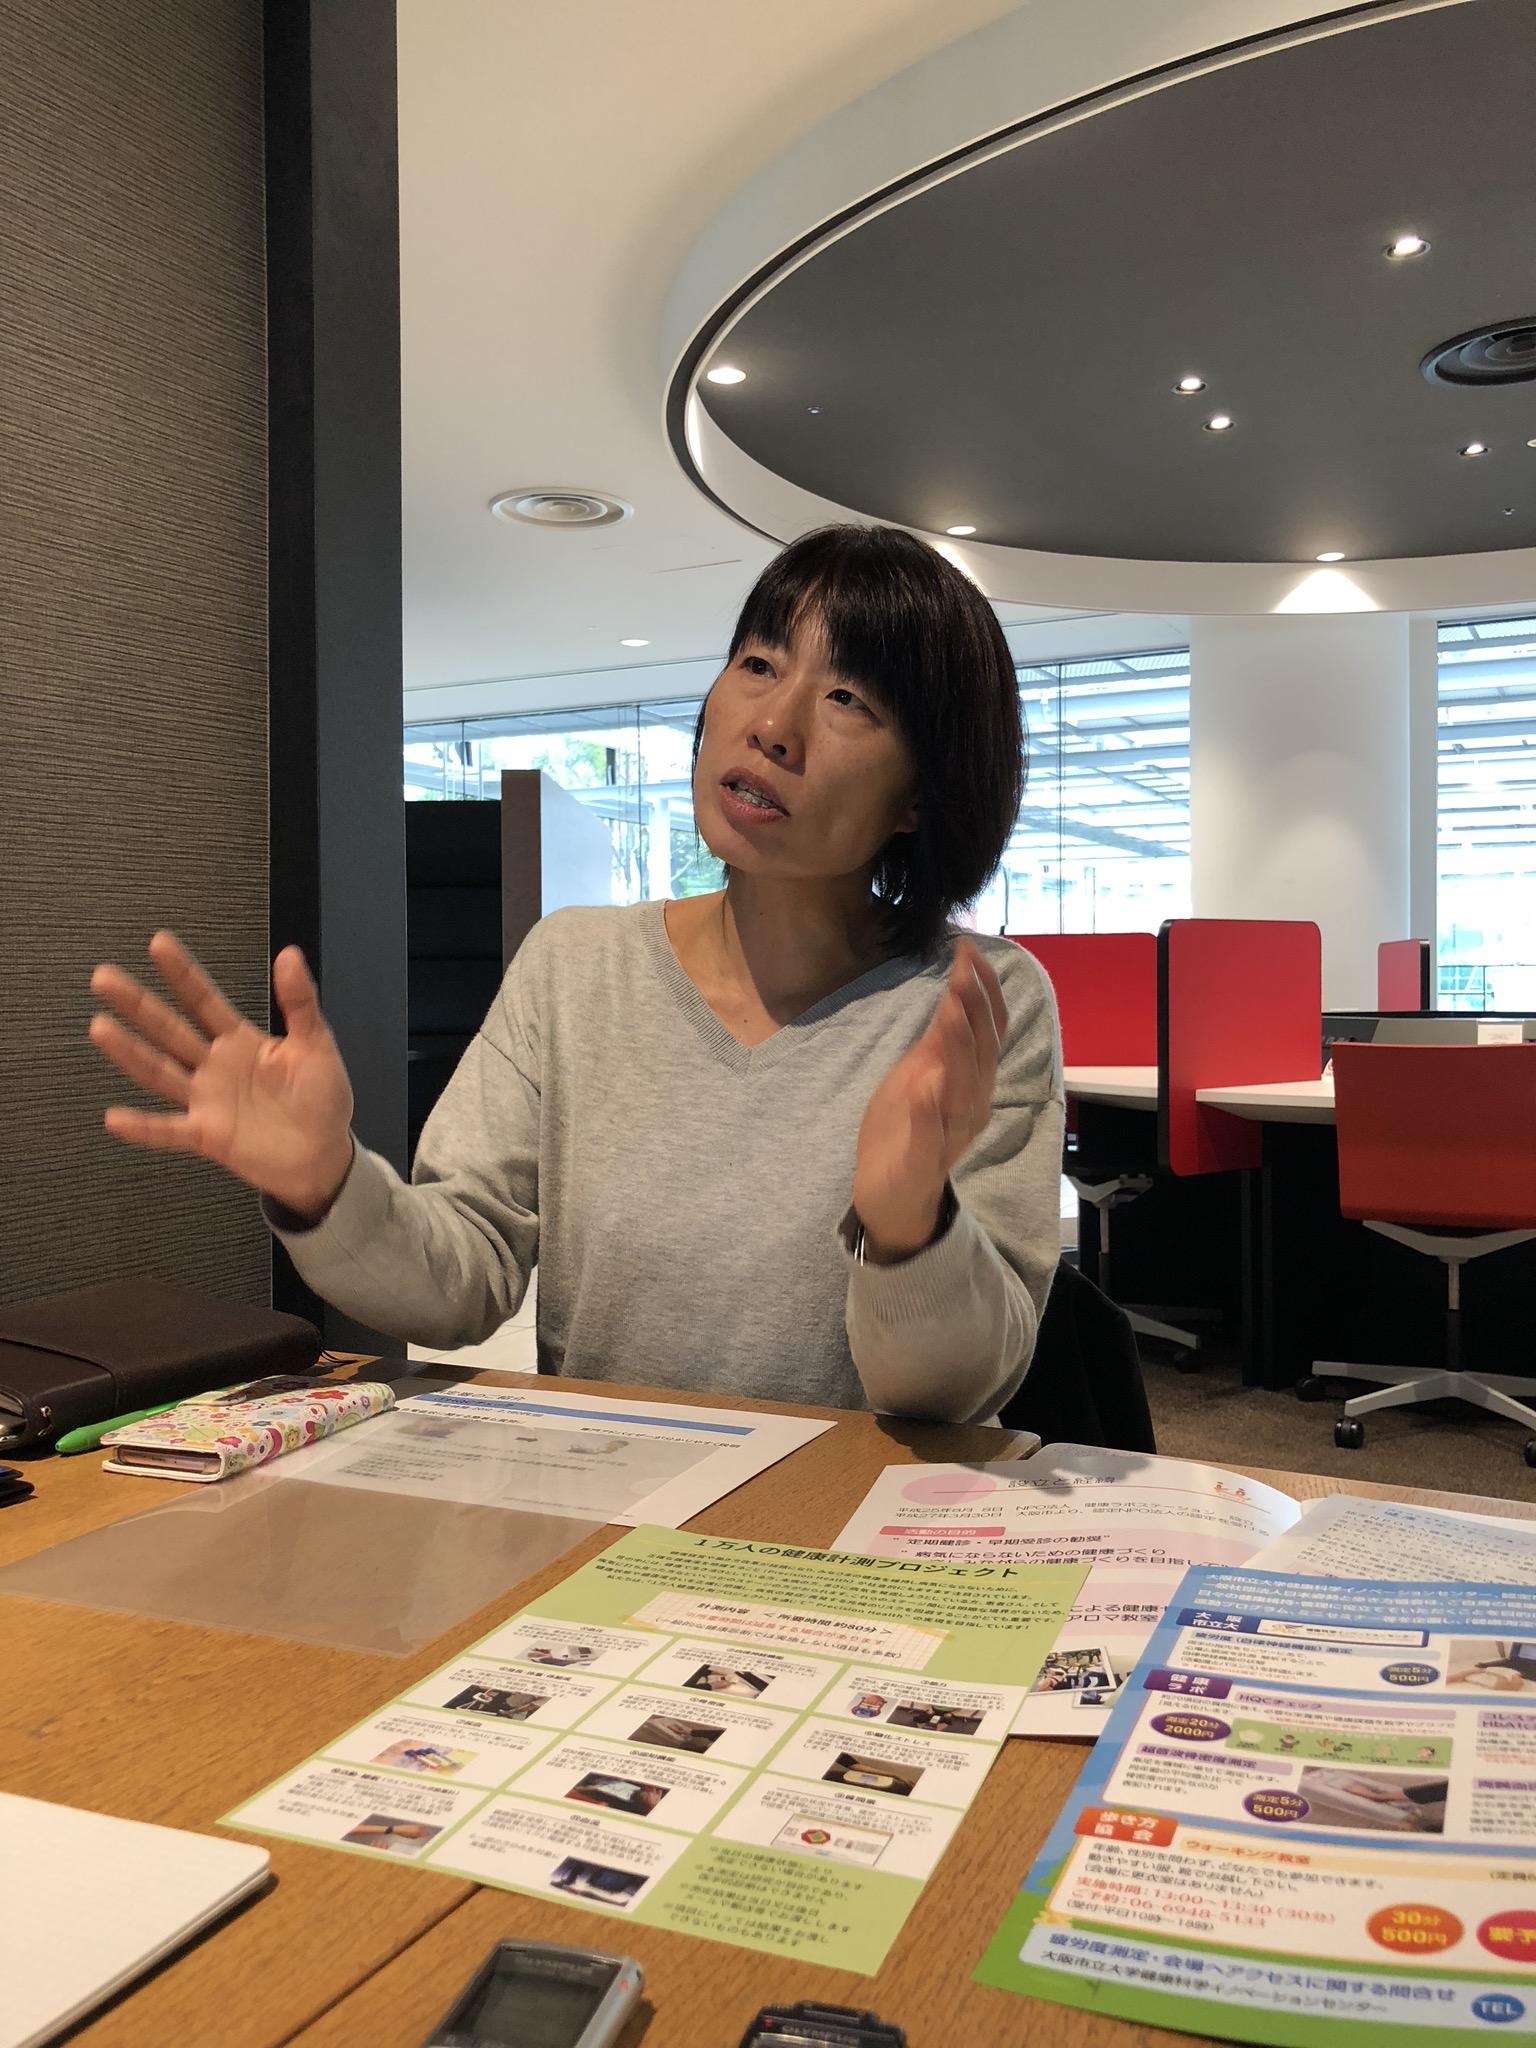 浦田千昌さんインタビュー 写真8